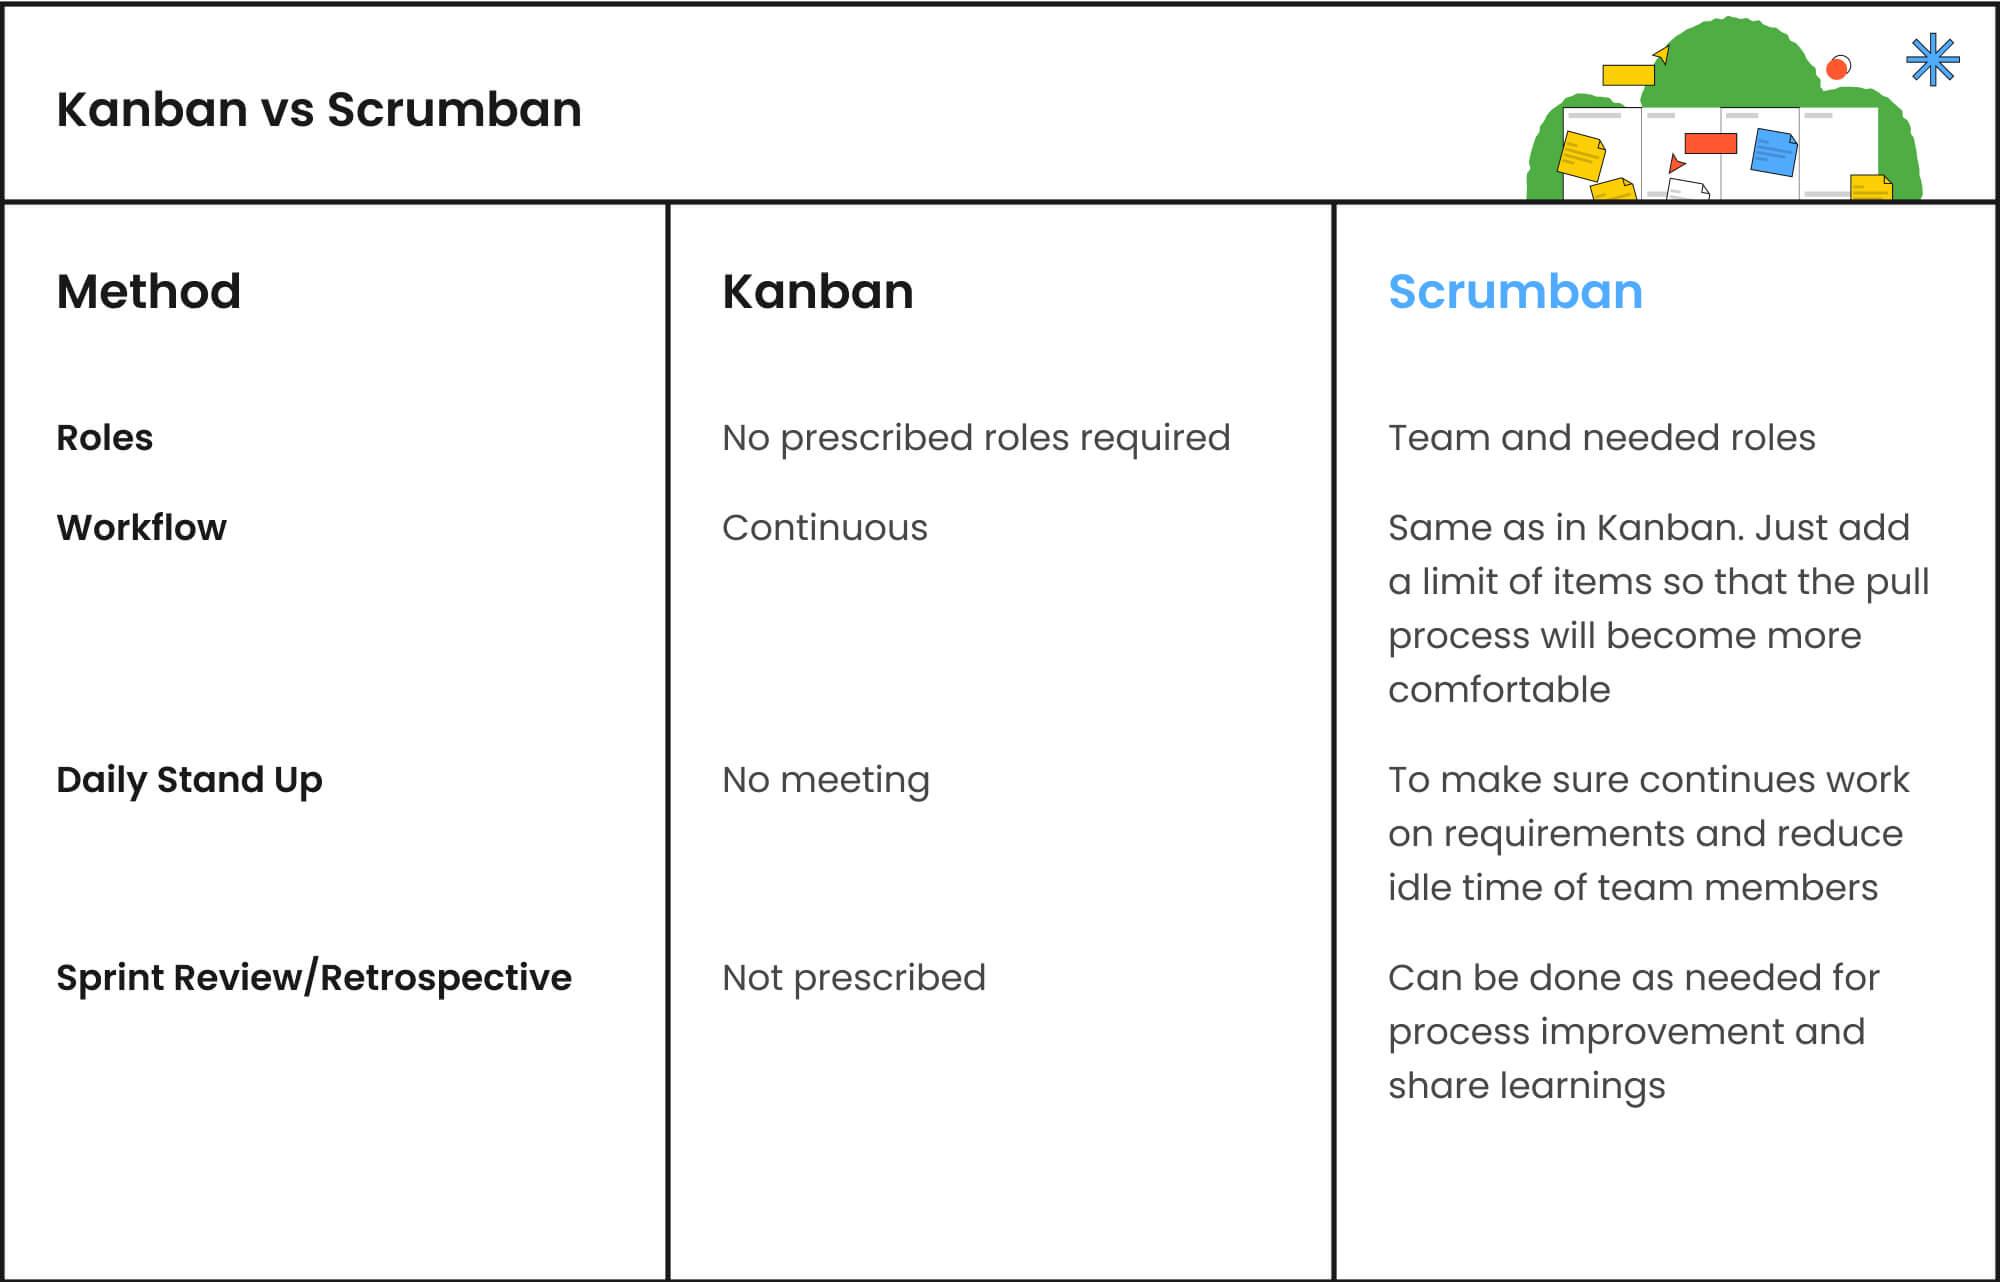 Scrumban vs Kanban